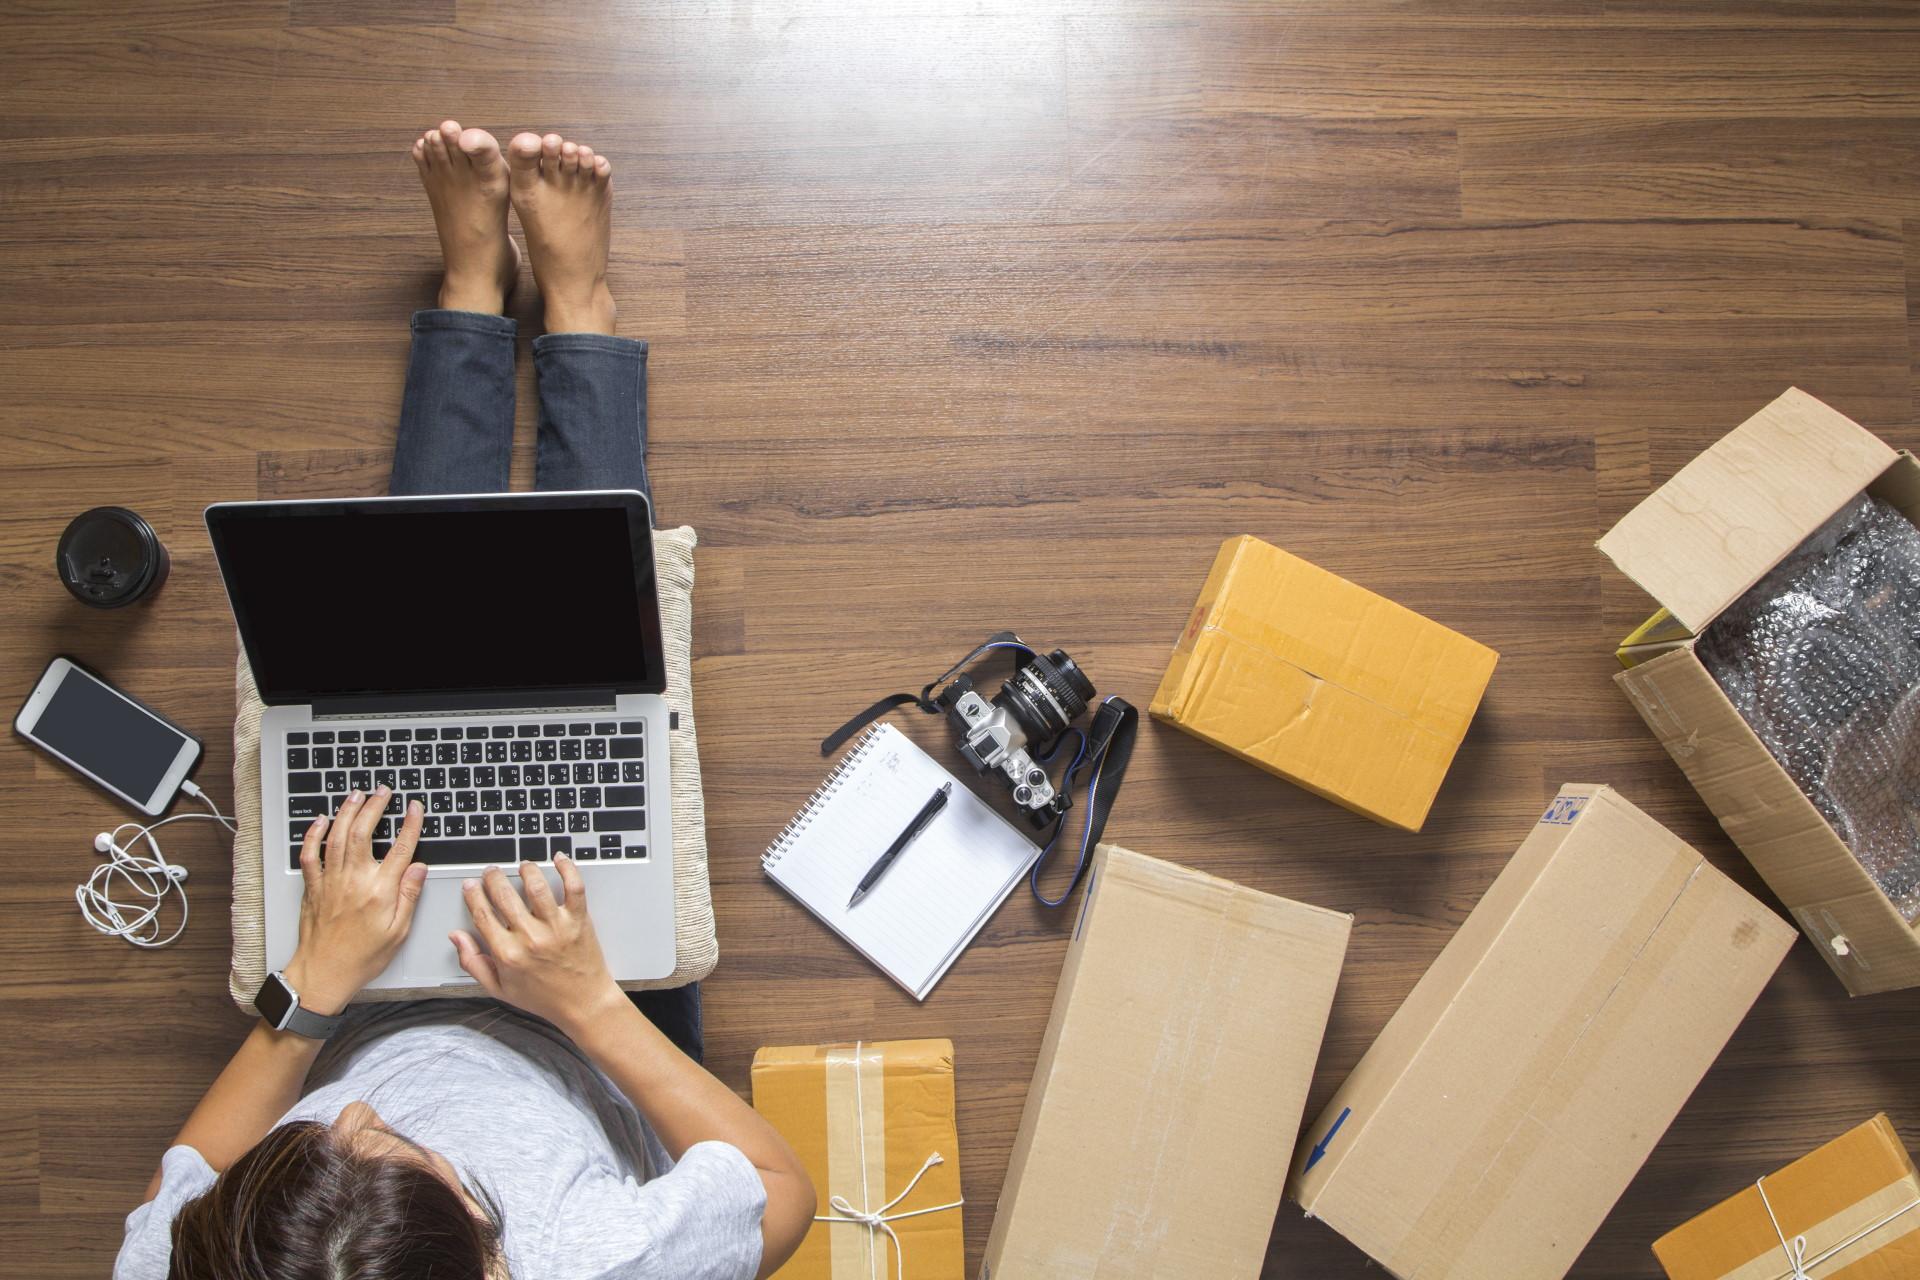 Ką būtų naudinga žinoti prieš ieškant elektroninės parduotuvės kūrėjo?